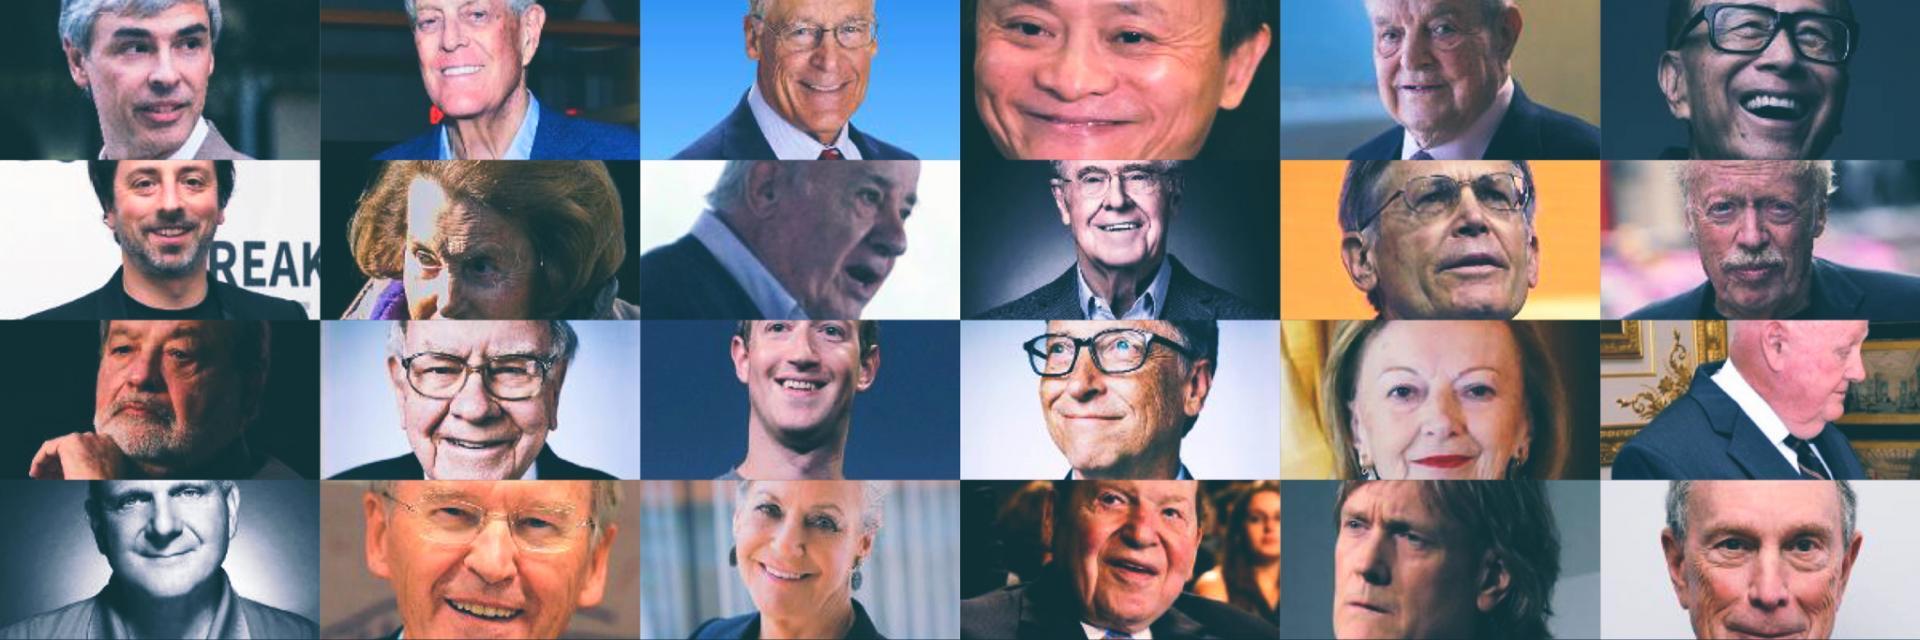 Le persone più ricche del mondo : in alto grazie alla tecnologia